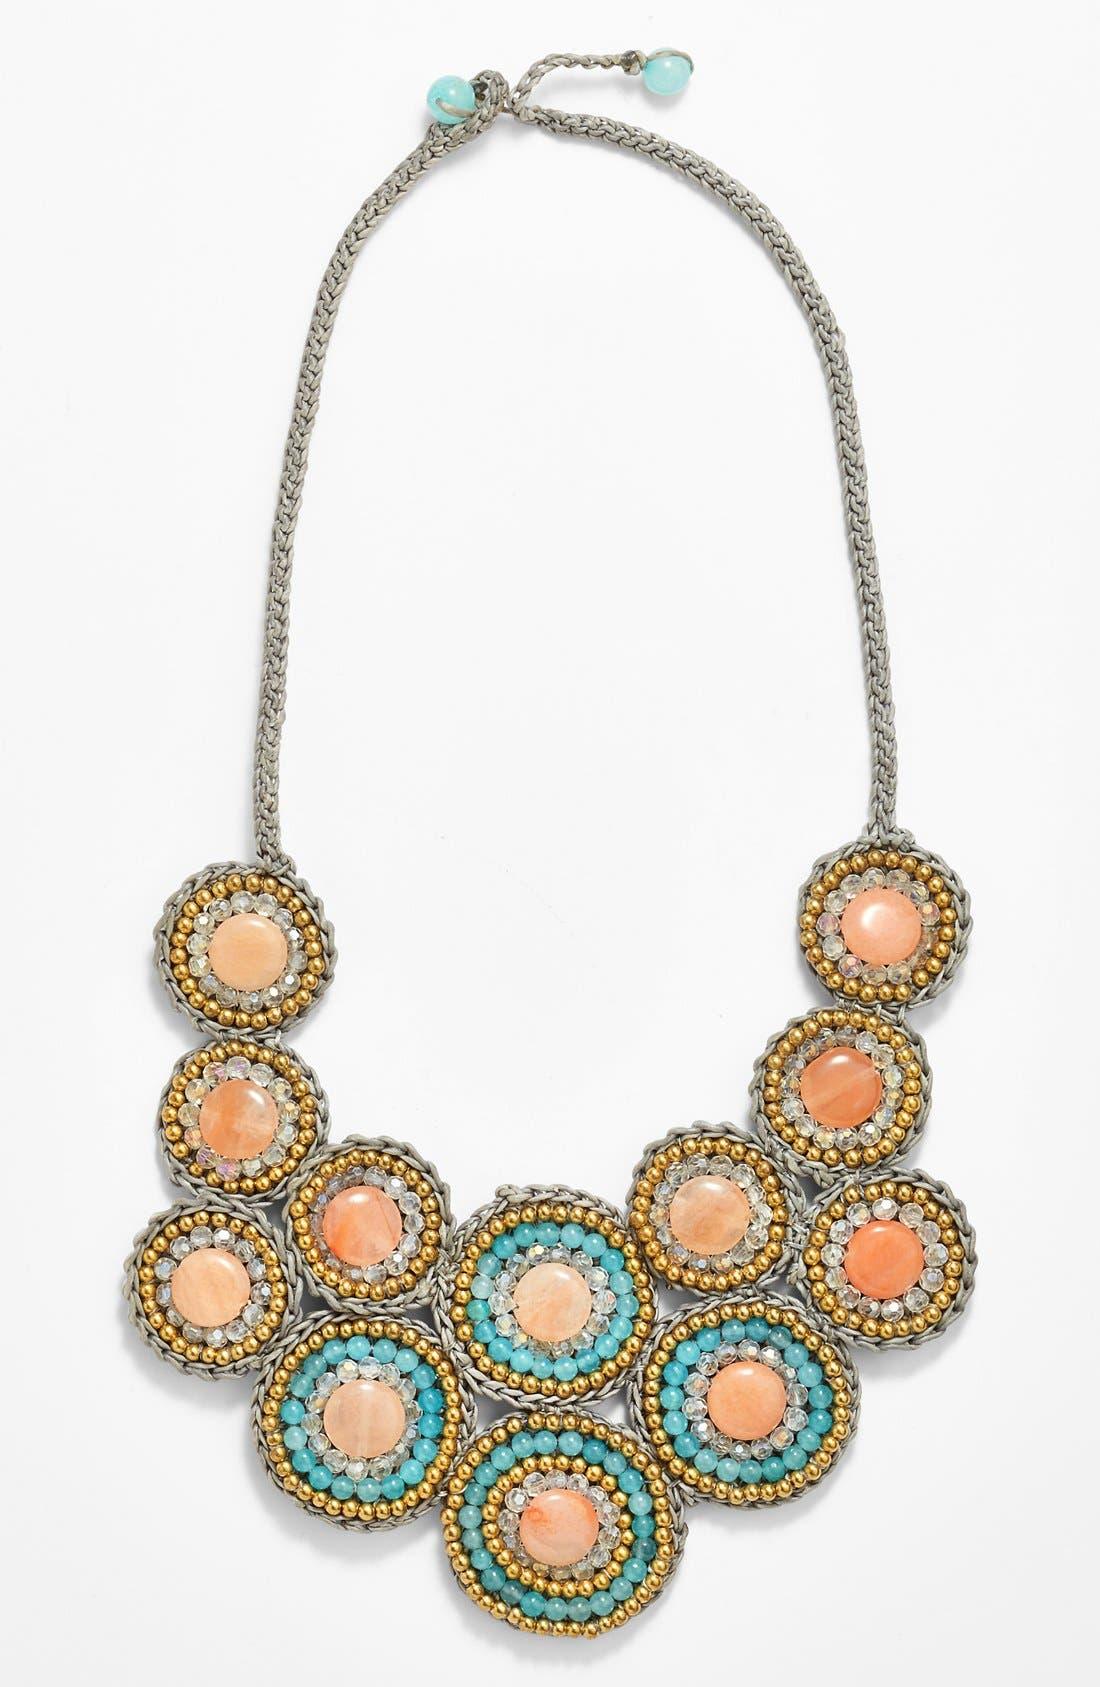 Main Image - Panacea Stone Bib Necklace